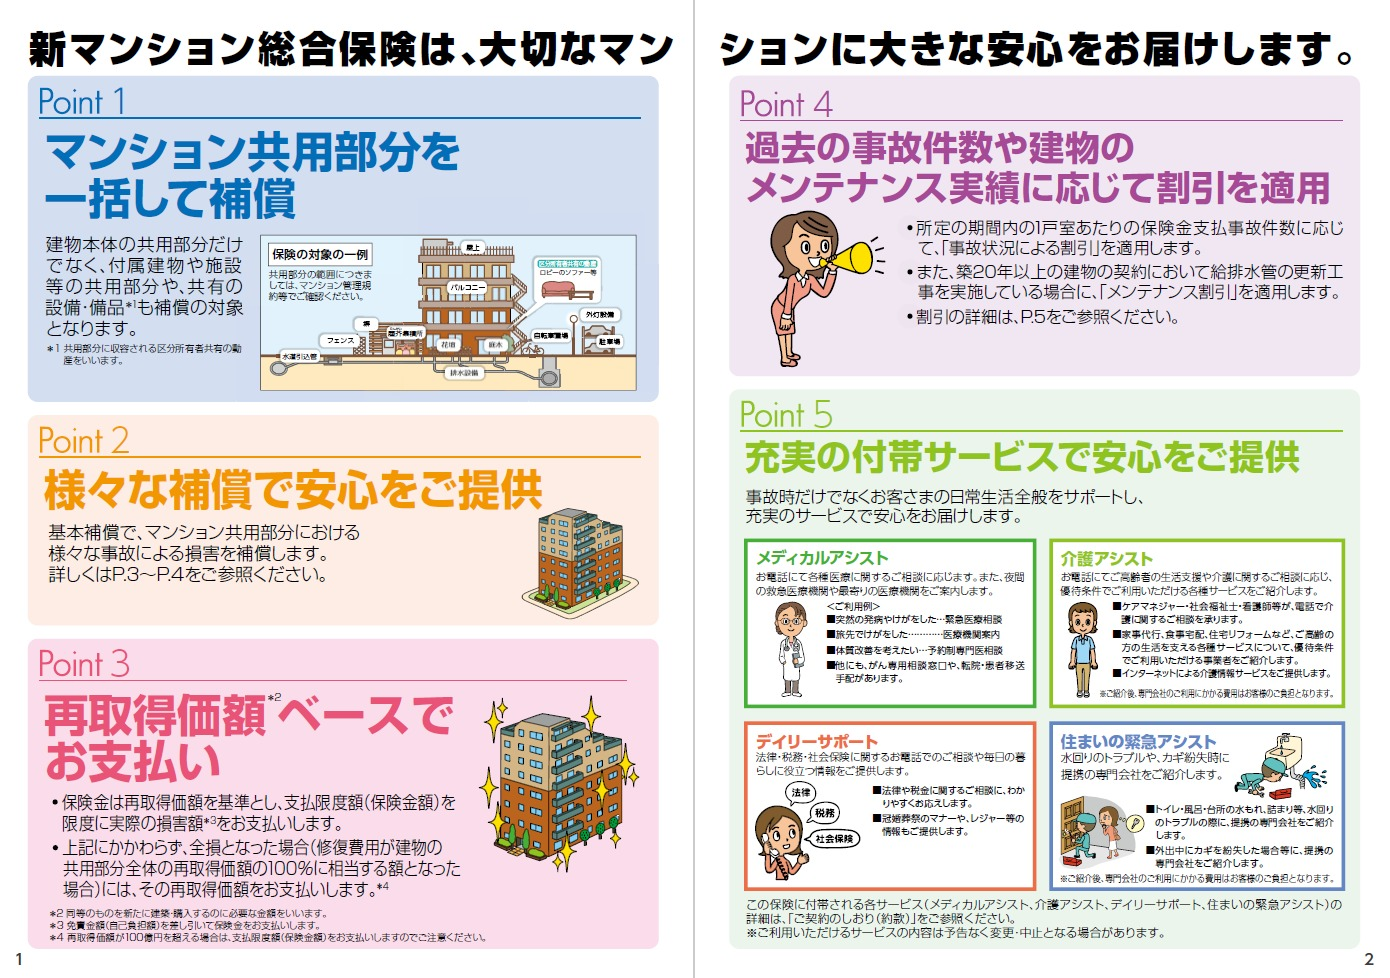 東京海上日動のマンション管理組合向け『新マンション総合保険』